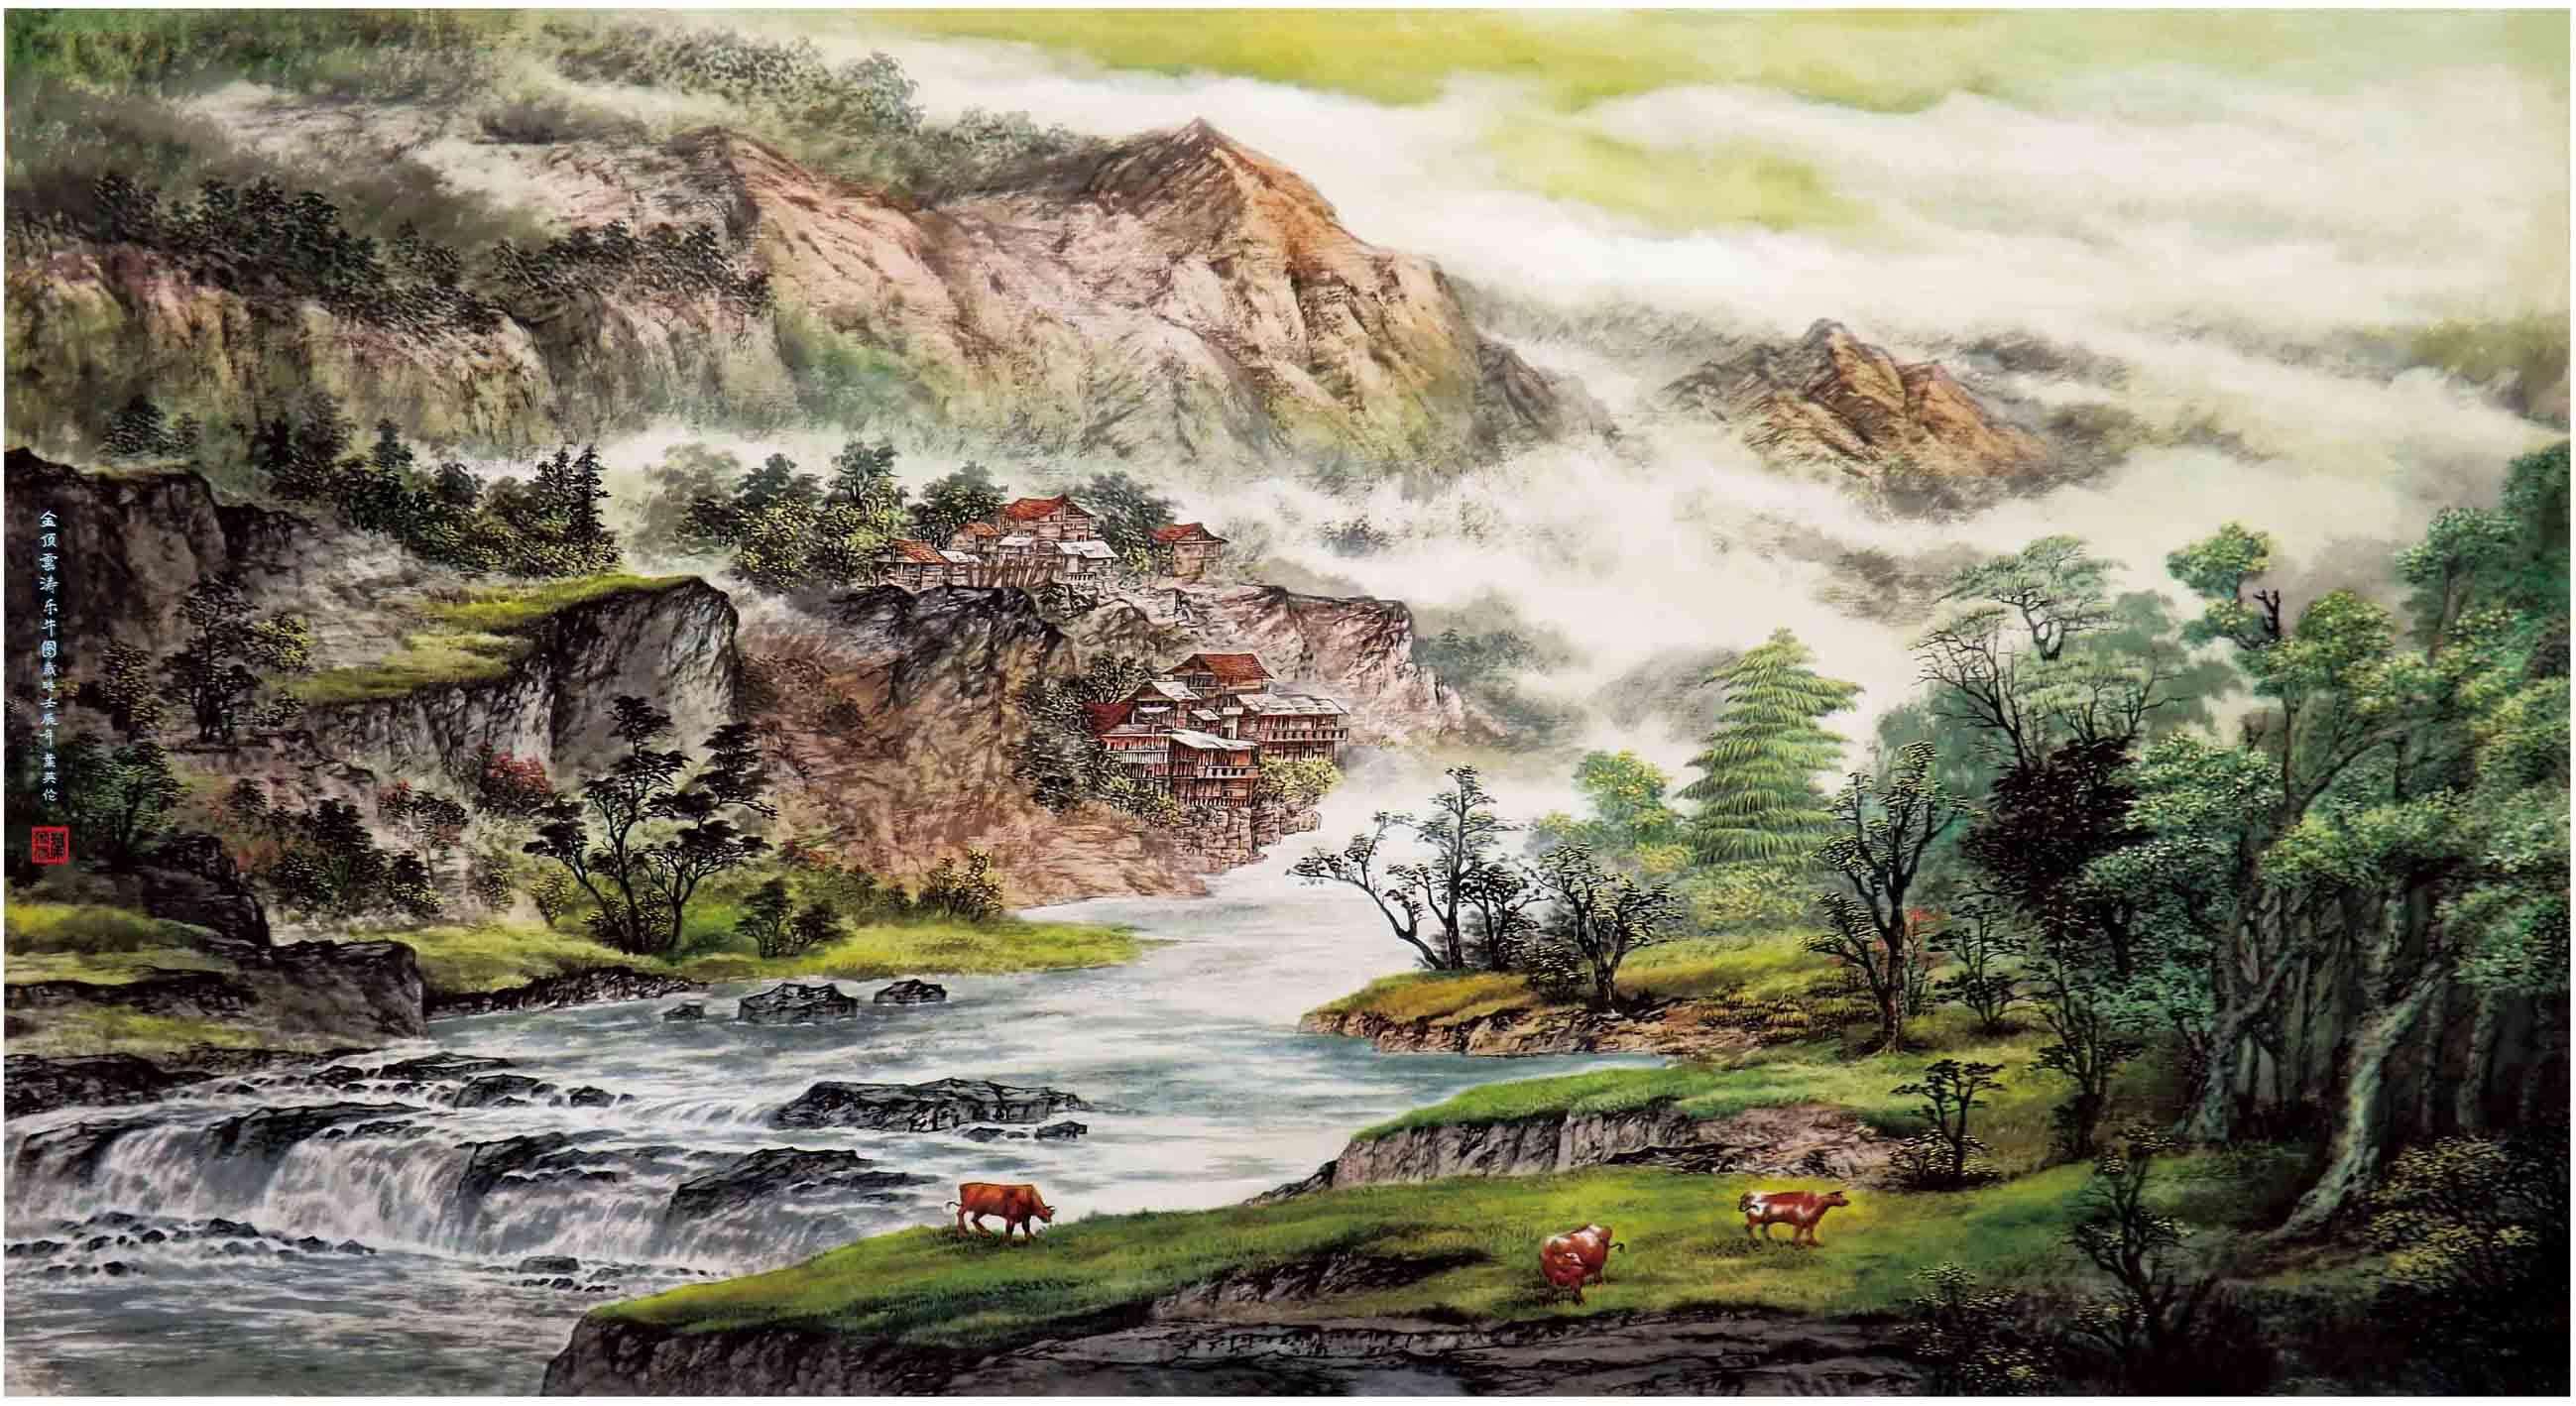 《金顶云涛乐牛图》叶英伦原创写实景色代表作品